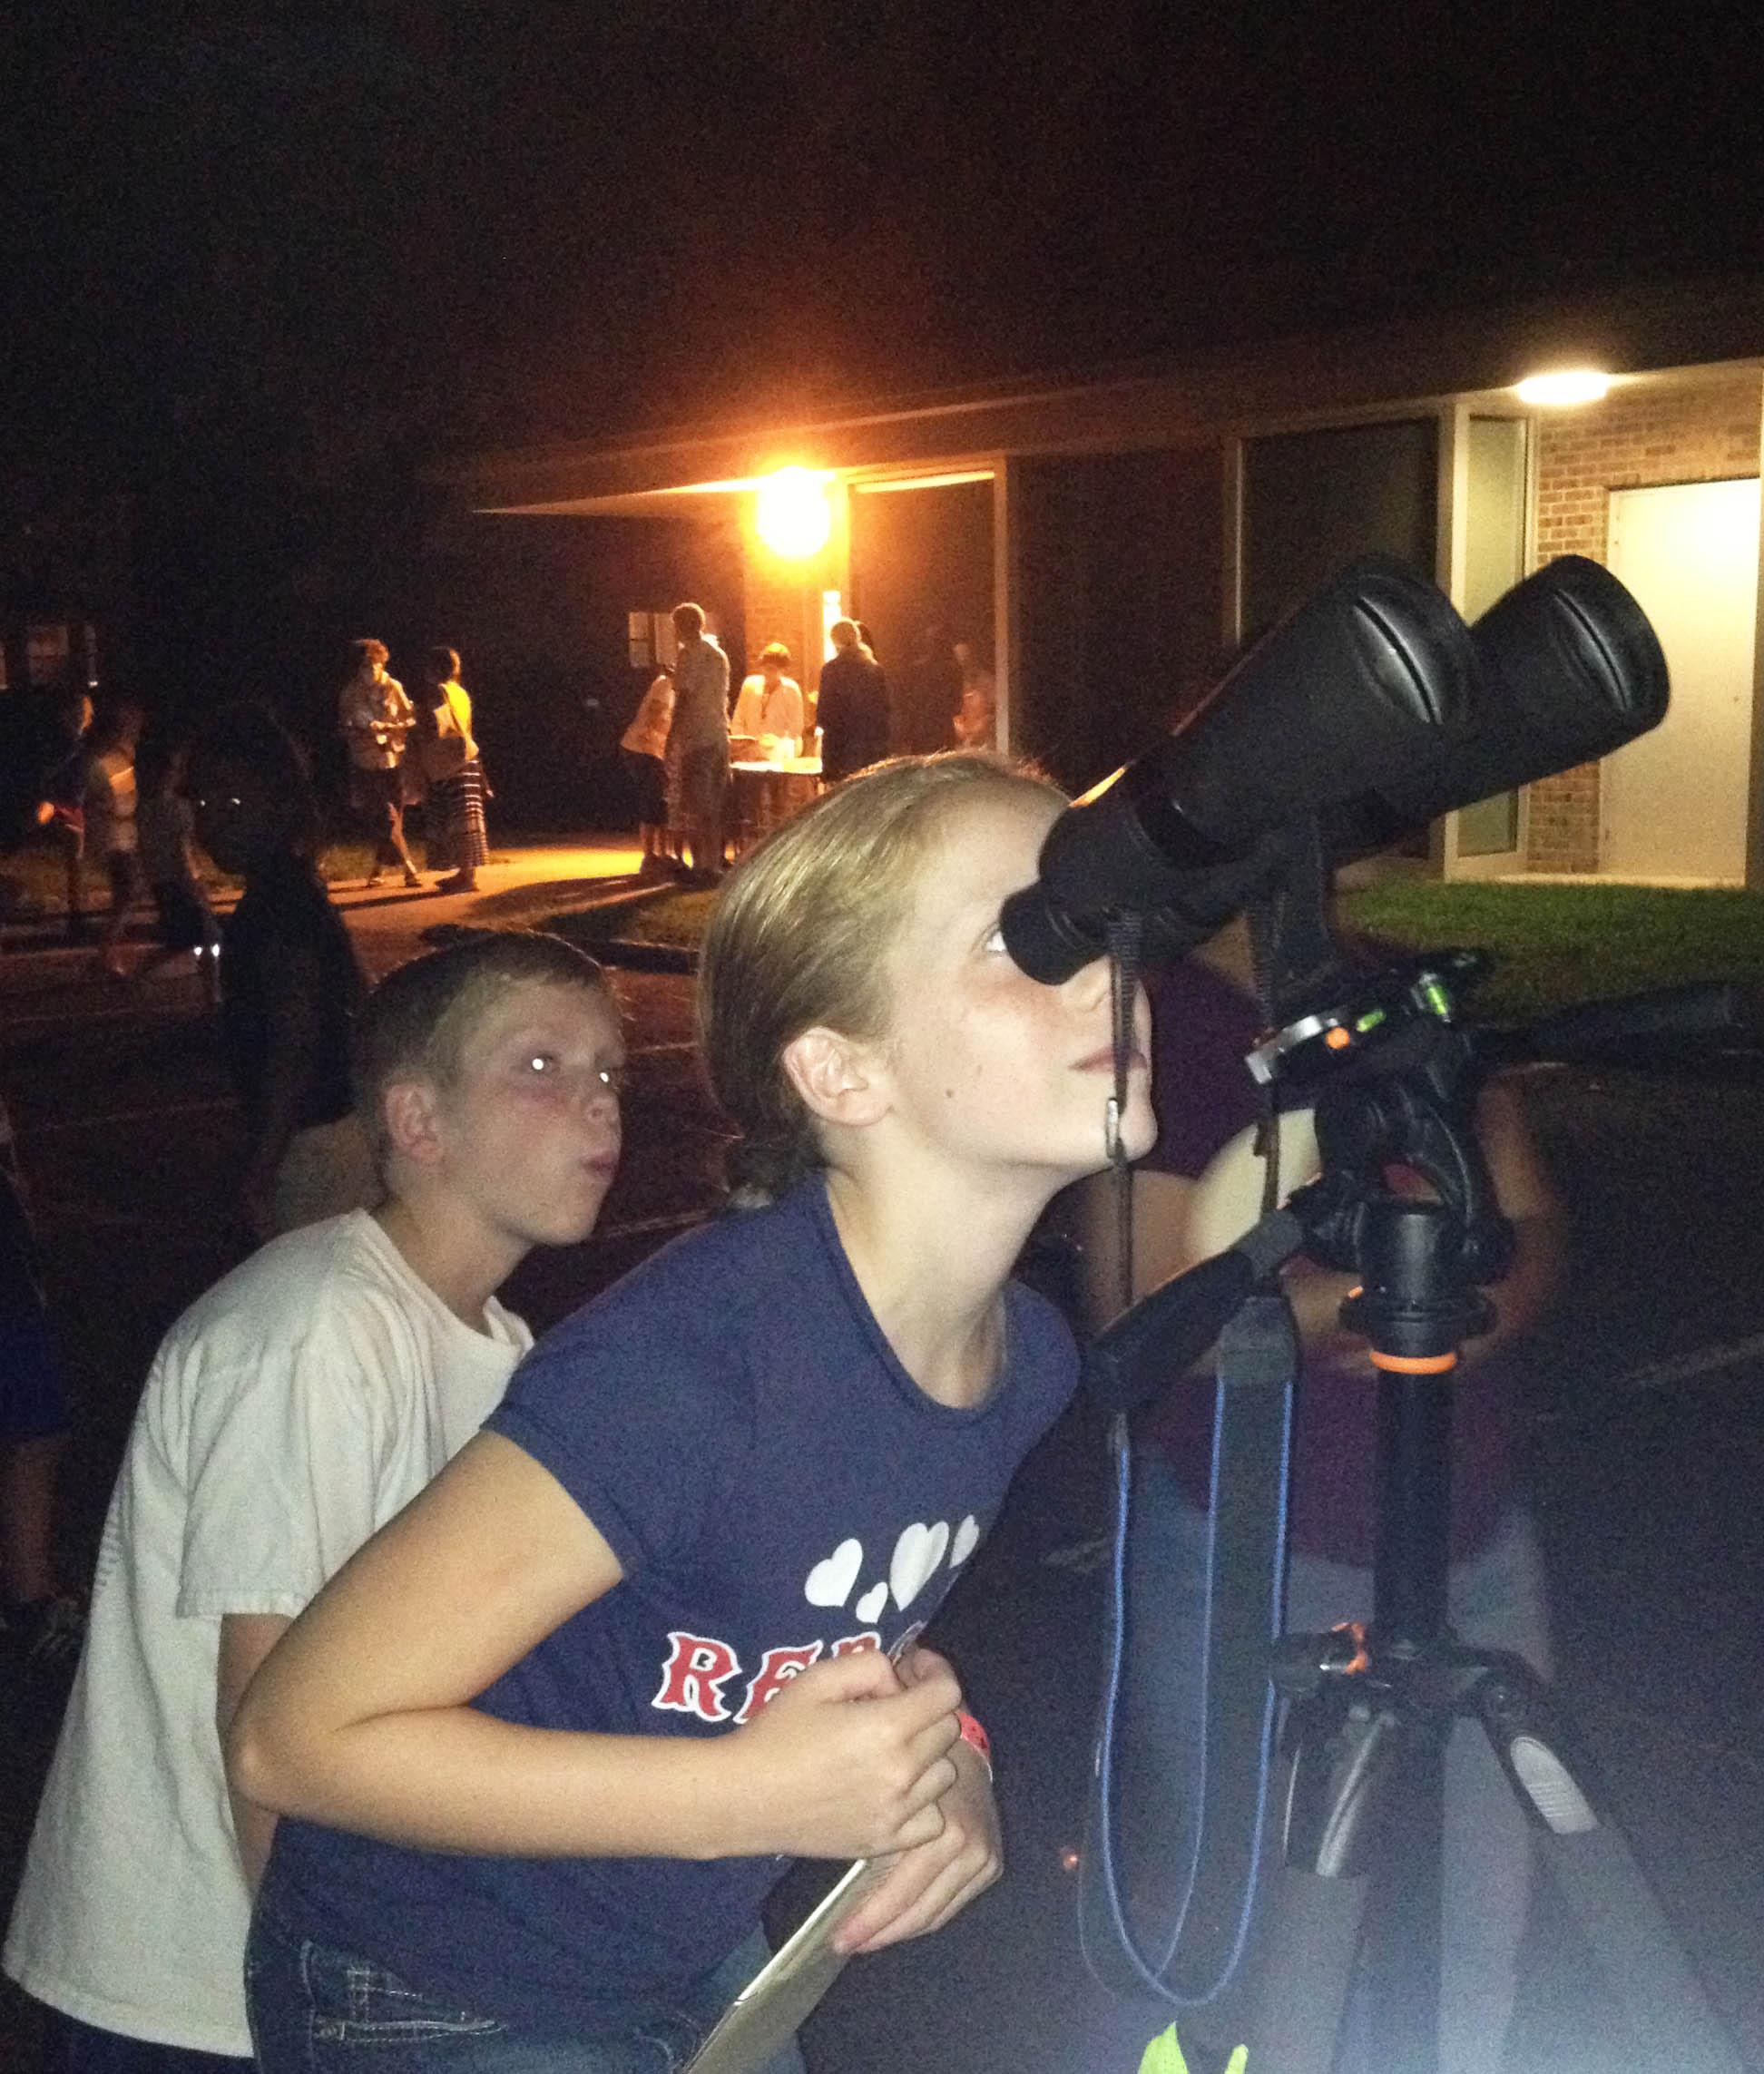 a0d3d3764a9269bdfa67_Telescope_-_Aislinn.jpg